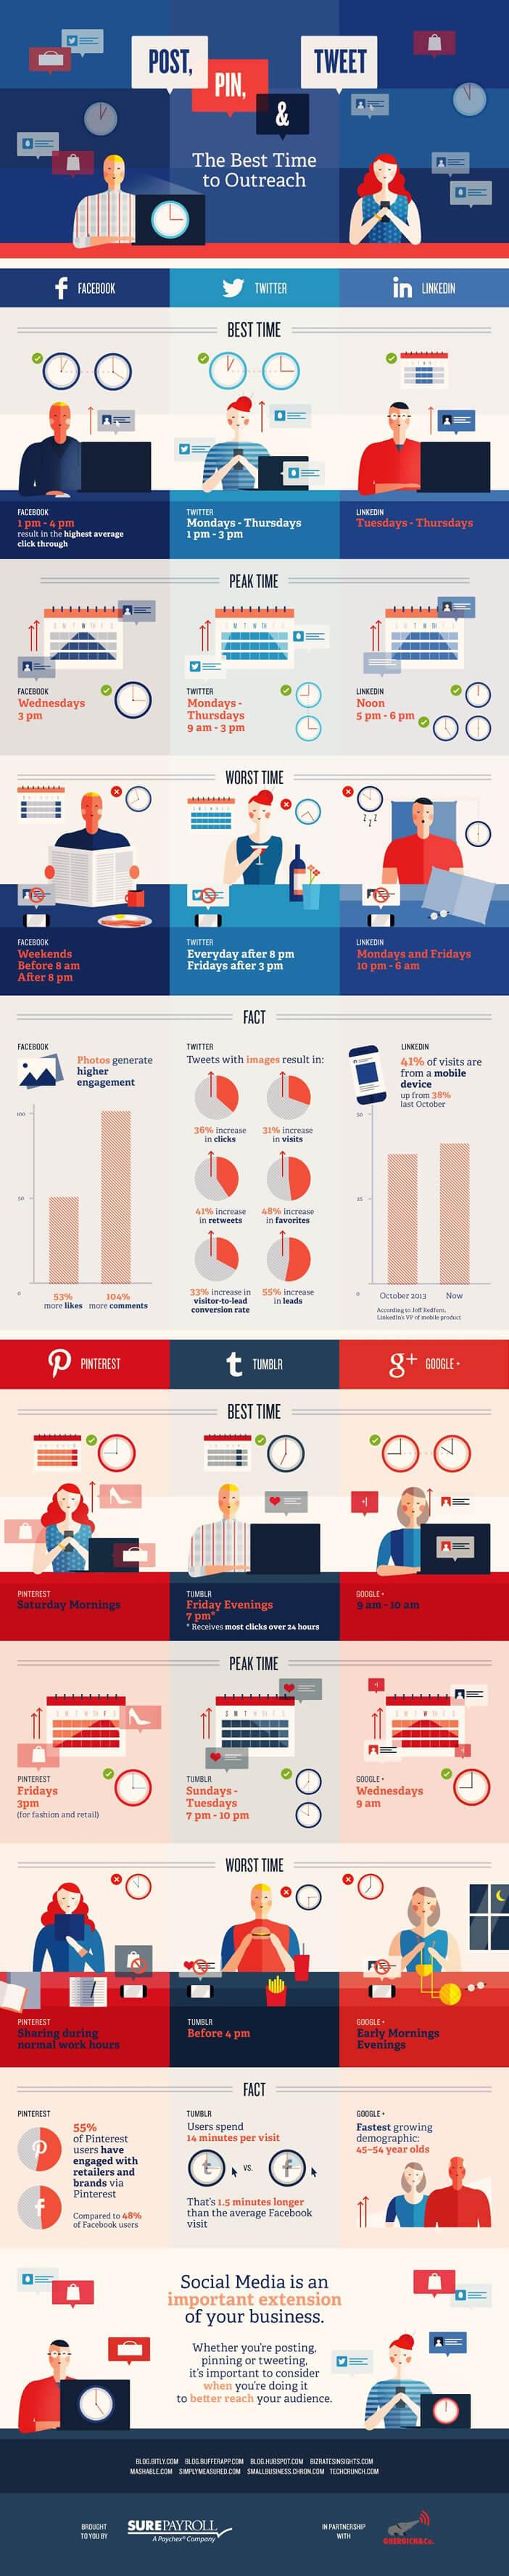 Infographie - Les meilleurs horaires pour publier sur les réseaux sociaux